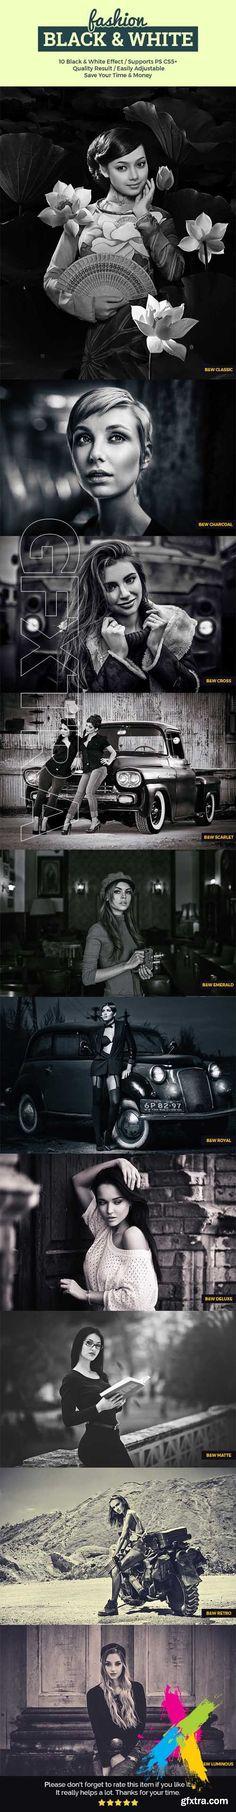 Graphicriver - Fashion Black & White 20165633